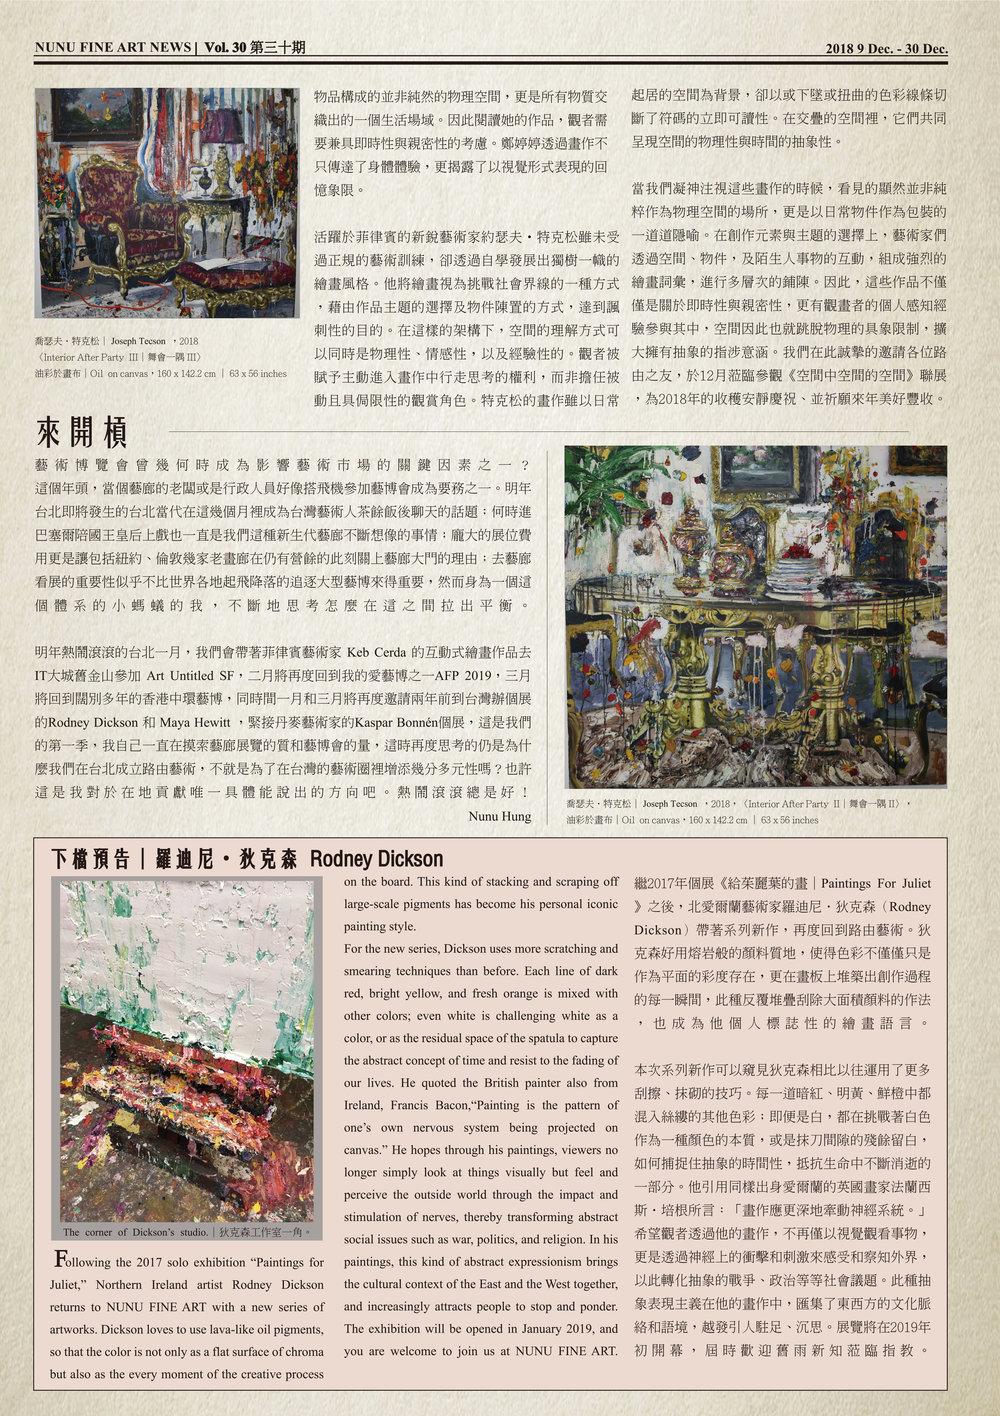 路由藝術報第30期報紙反面-01.jpg